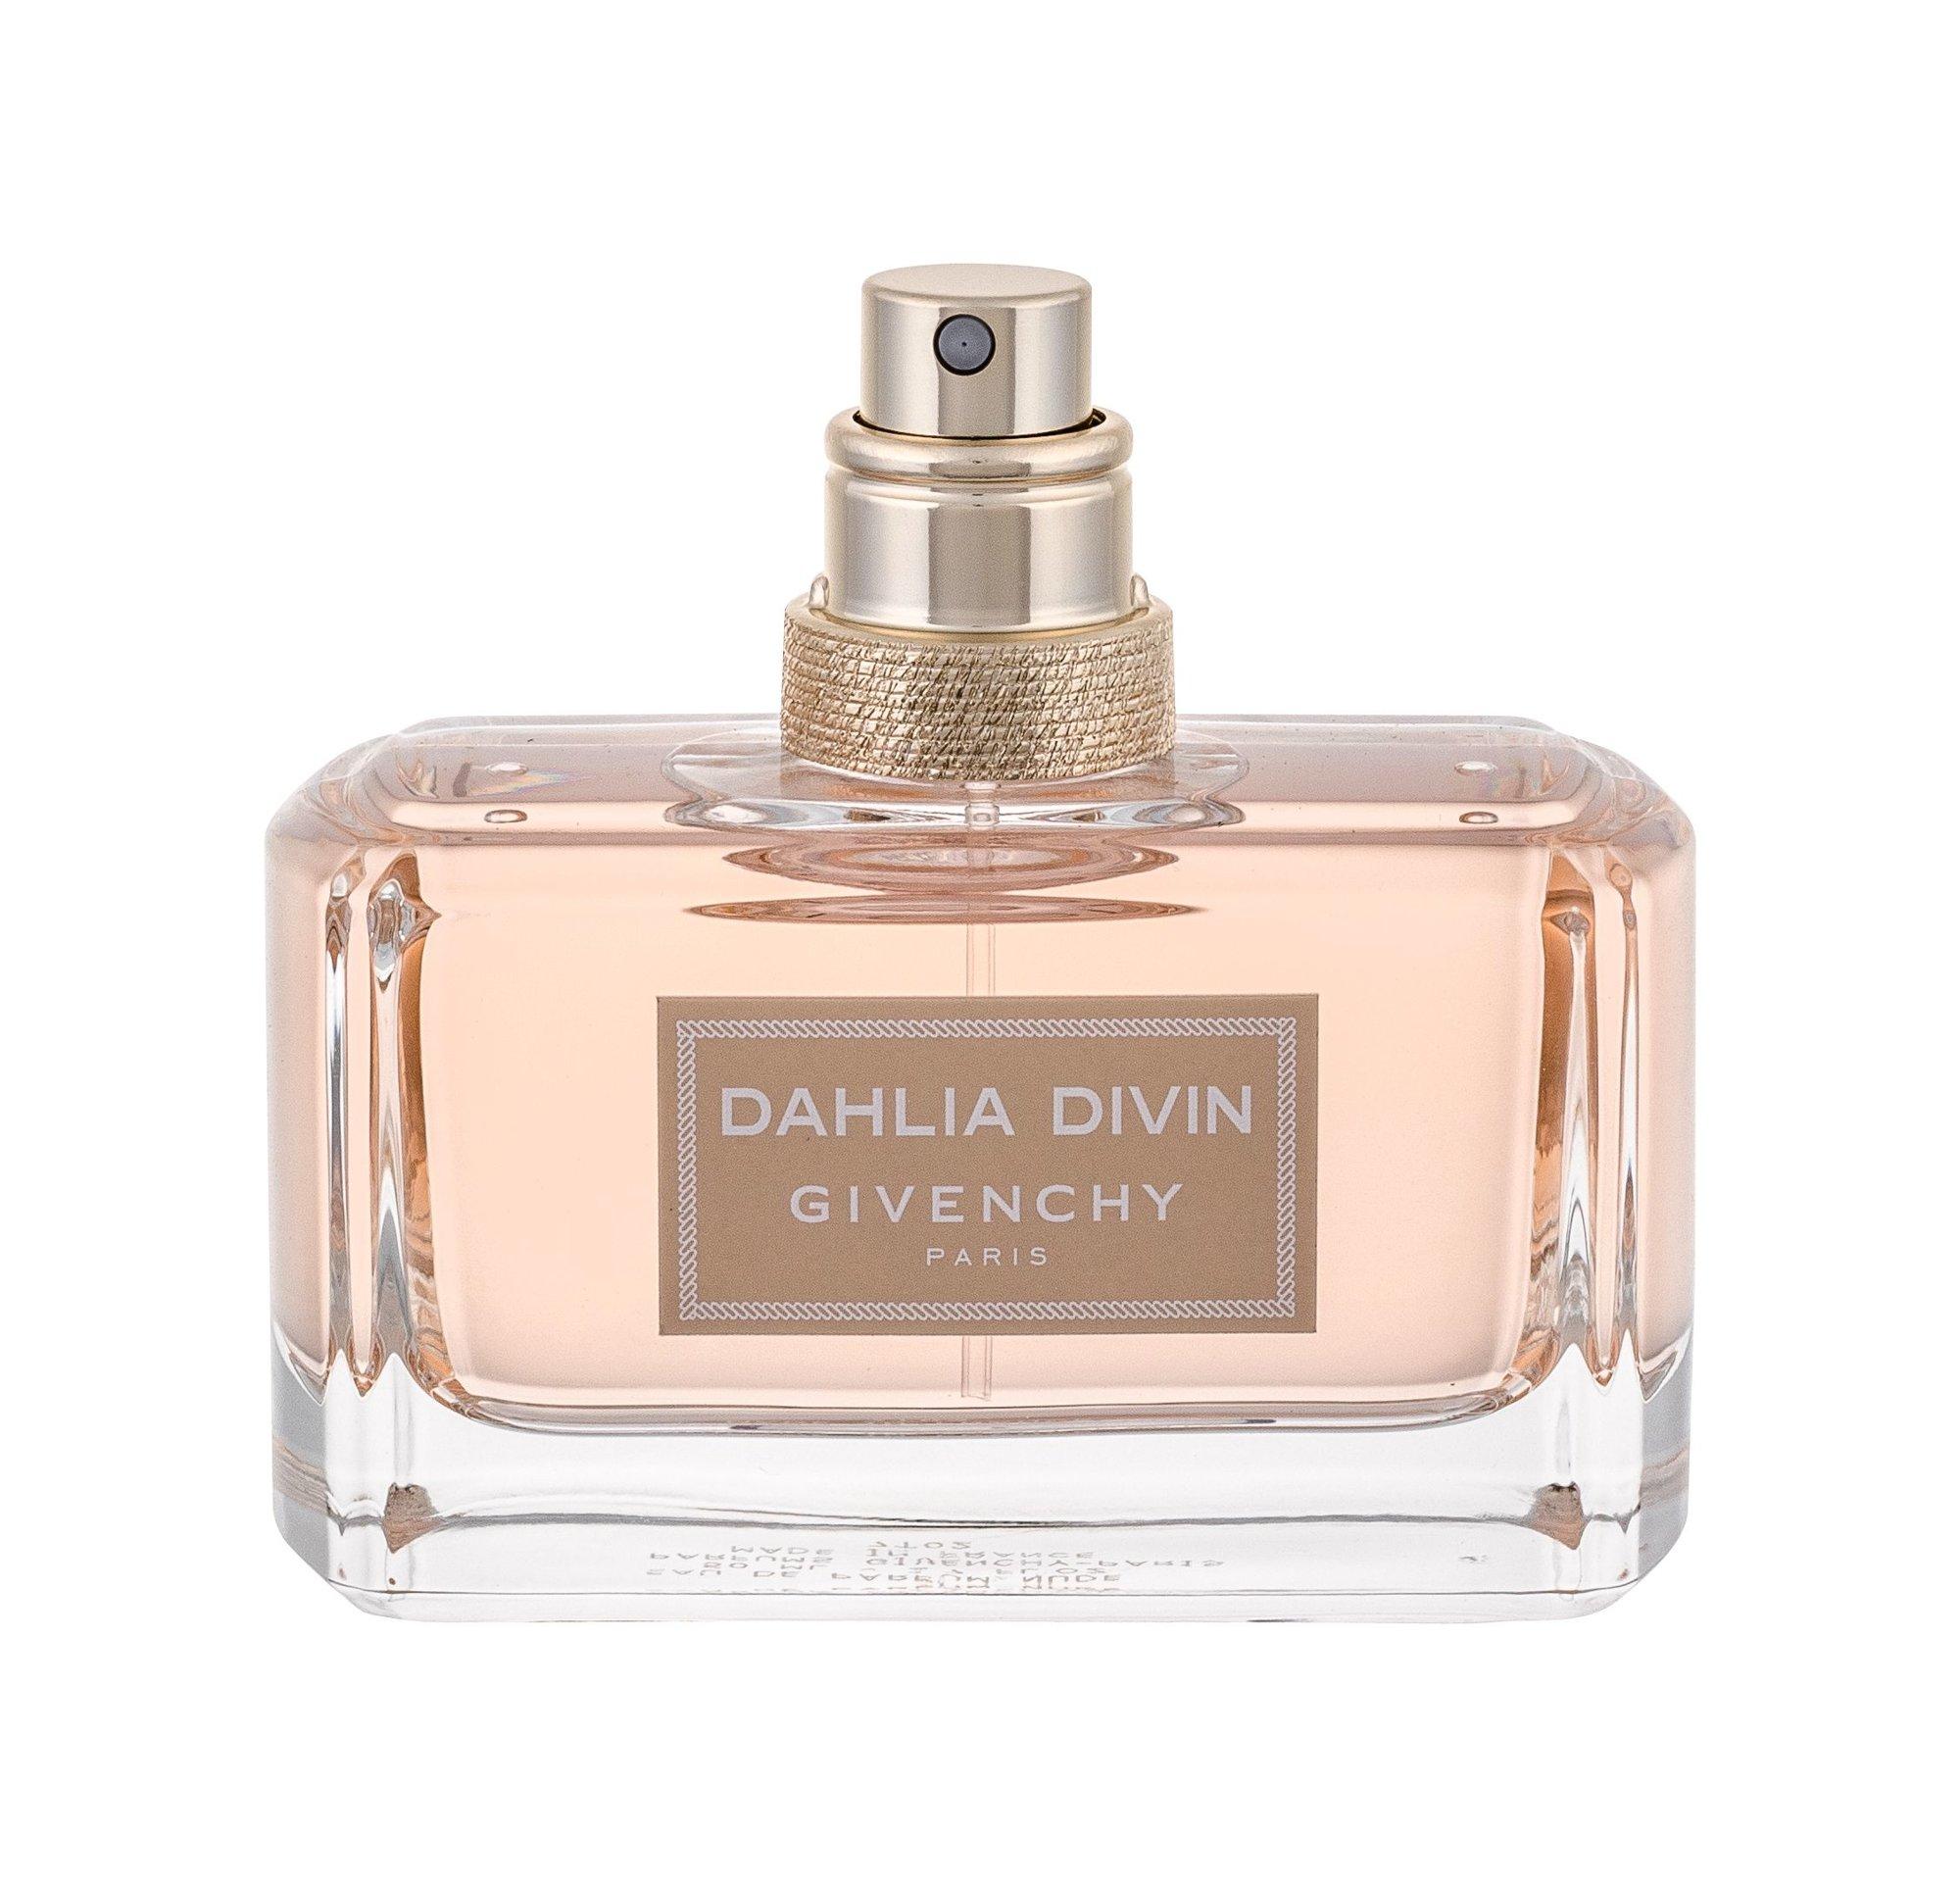 Givenchy Dahlia Divin Nude Eau de Parfum 50ml